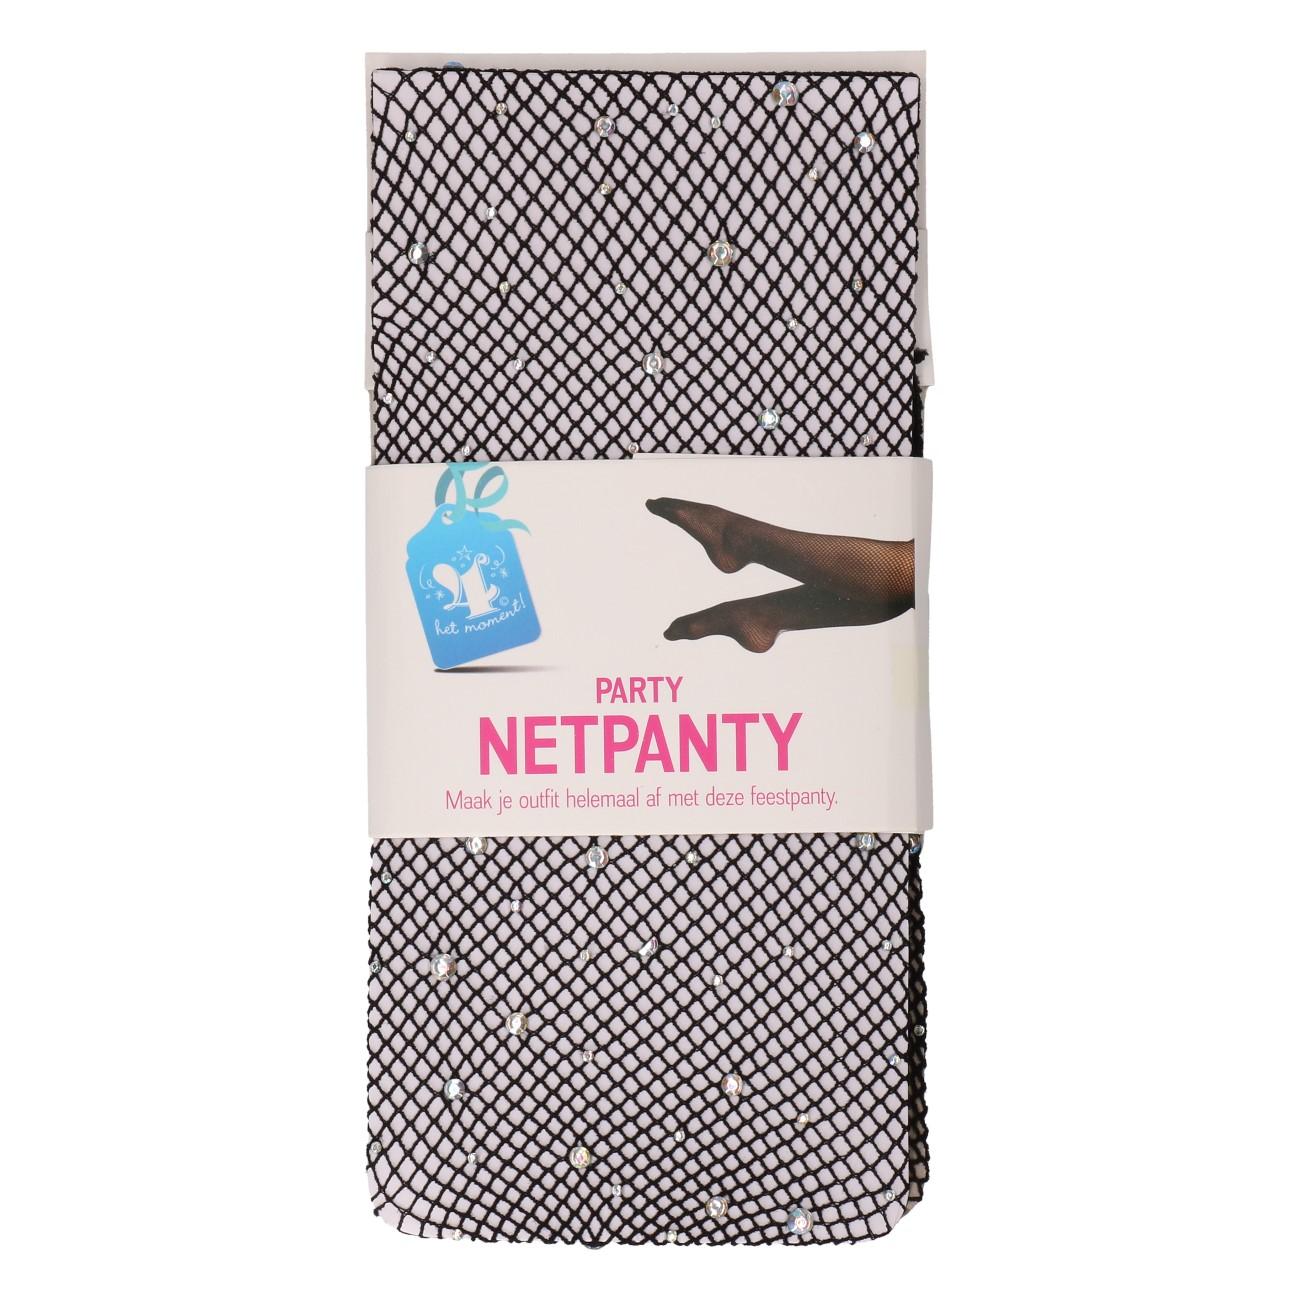 Netpanty strass #470